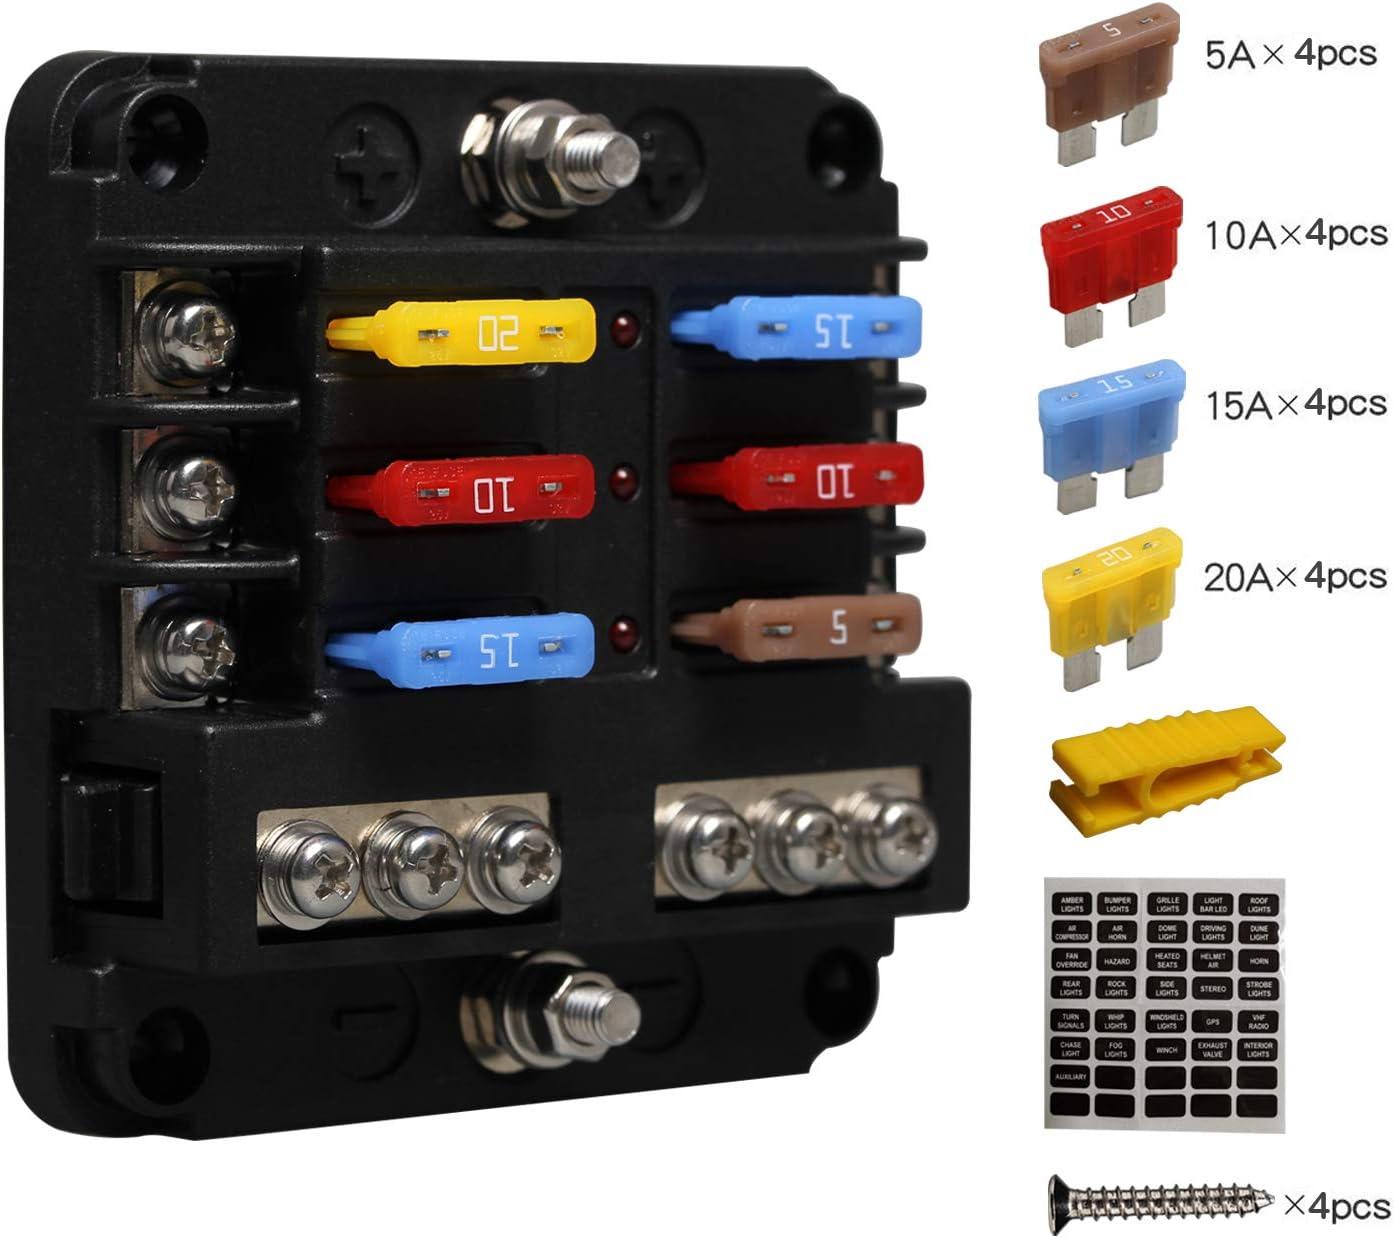 Kfz Sicherungshalter Flachsicherung, ENDARK Kfz Sicherungskasten, 8 Fach  Sicherungshalter mit LED Anzeige Negativen Bus für Auto, Boot, Van, Suv, LKW